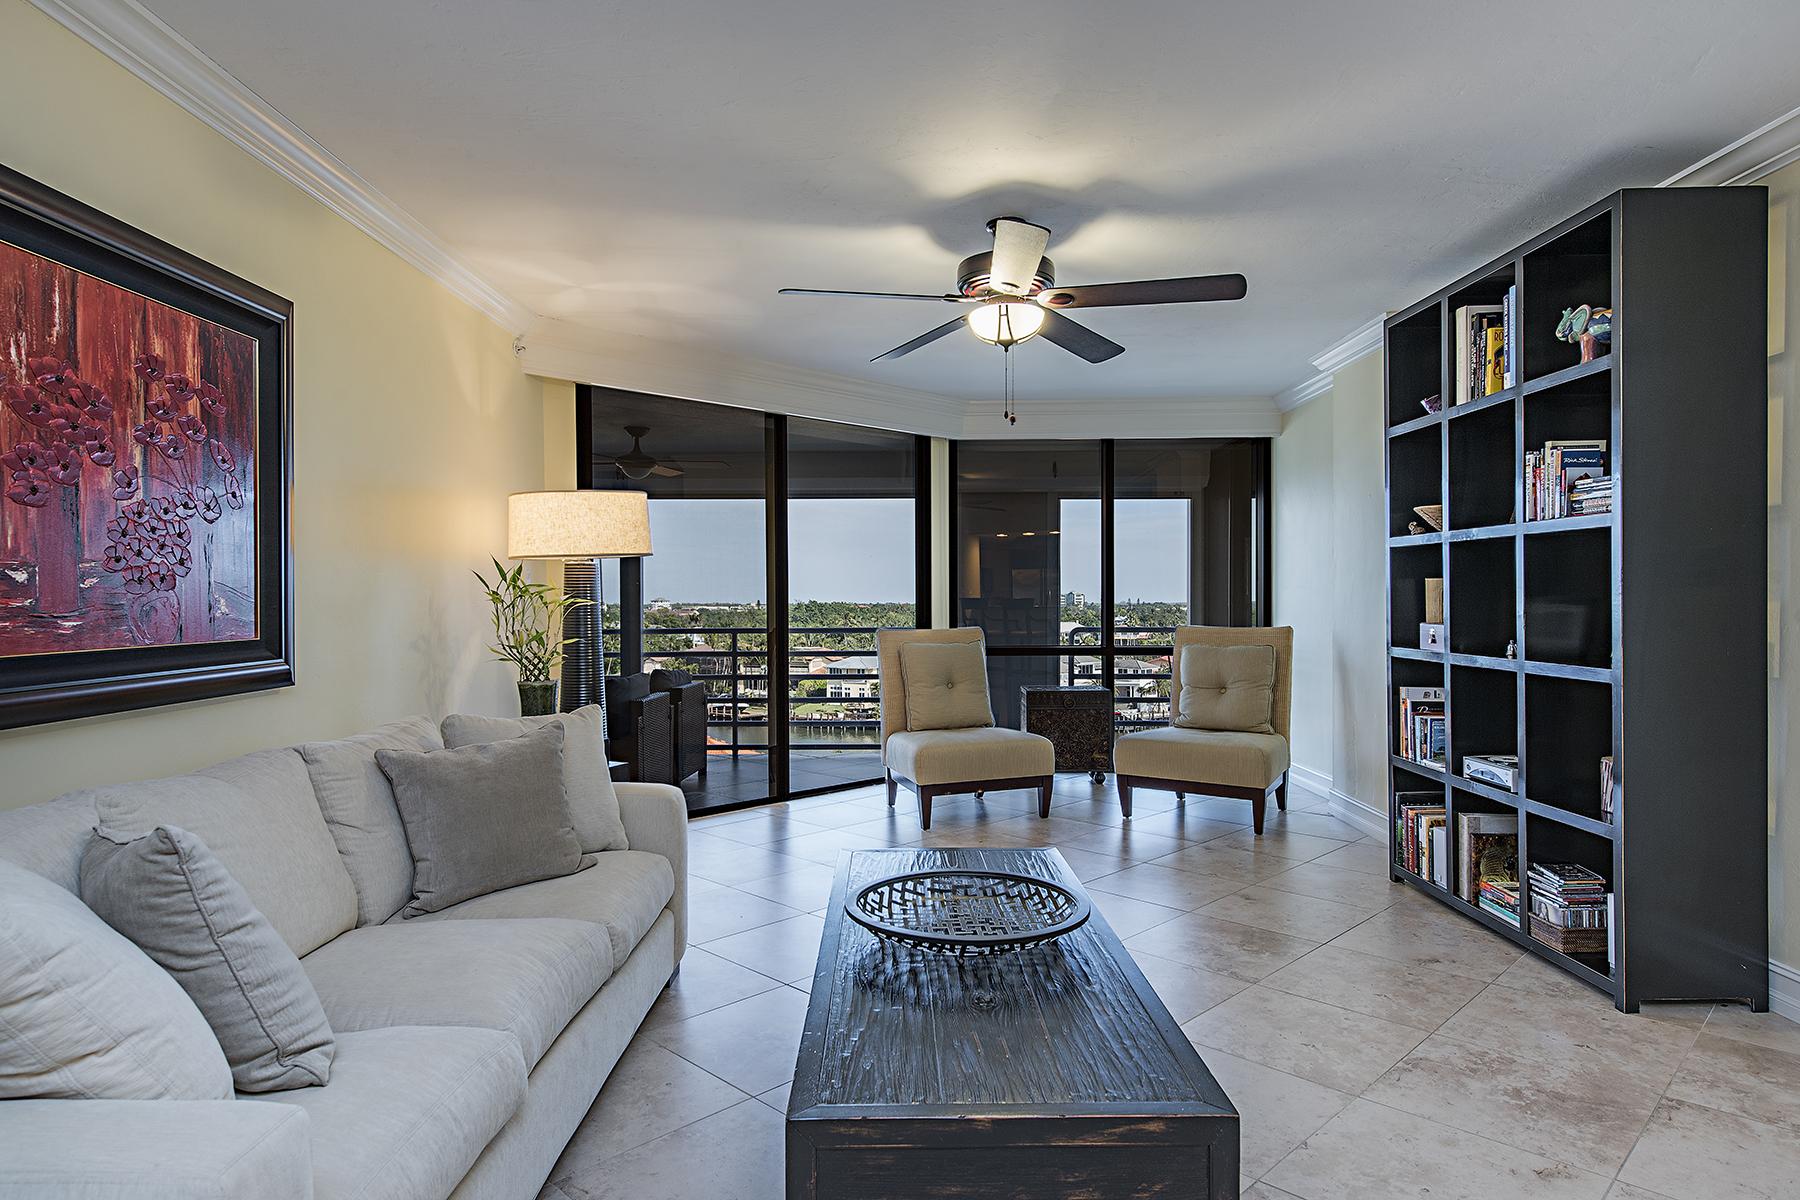 Condomínio para Venda às TERRACES AT PARK SHORE 4751 Gulf Shore Blvd N 802, Naples, Florida, 34103 Estados Unidos